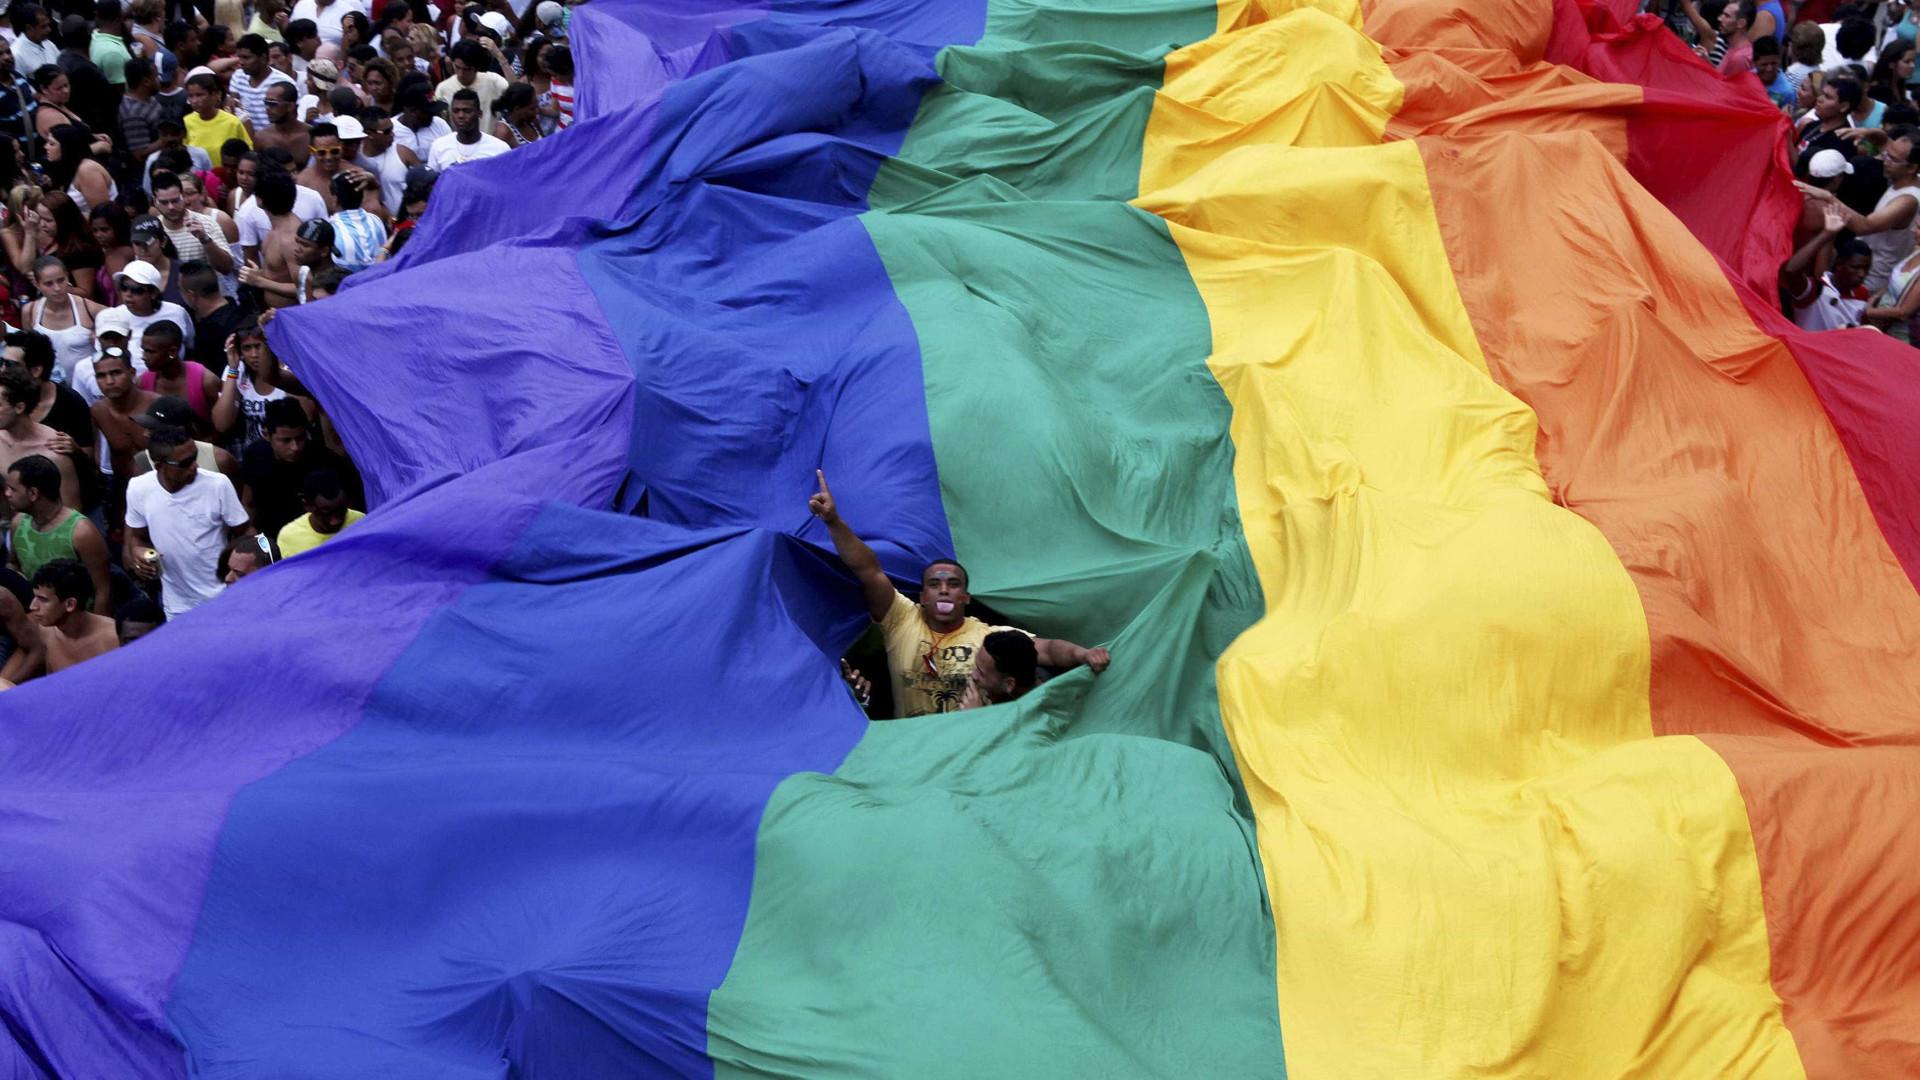 Especialista: decisão sobre cura gay ataca direitos e gera violência